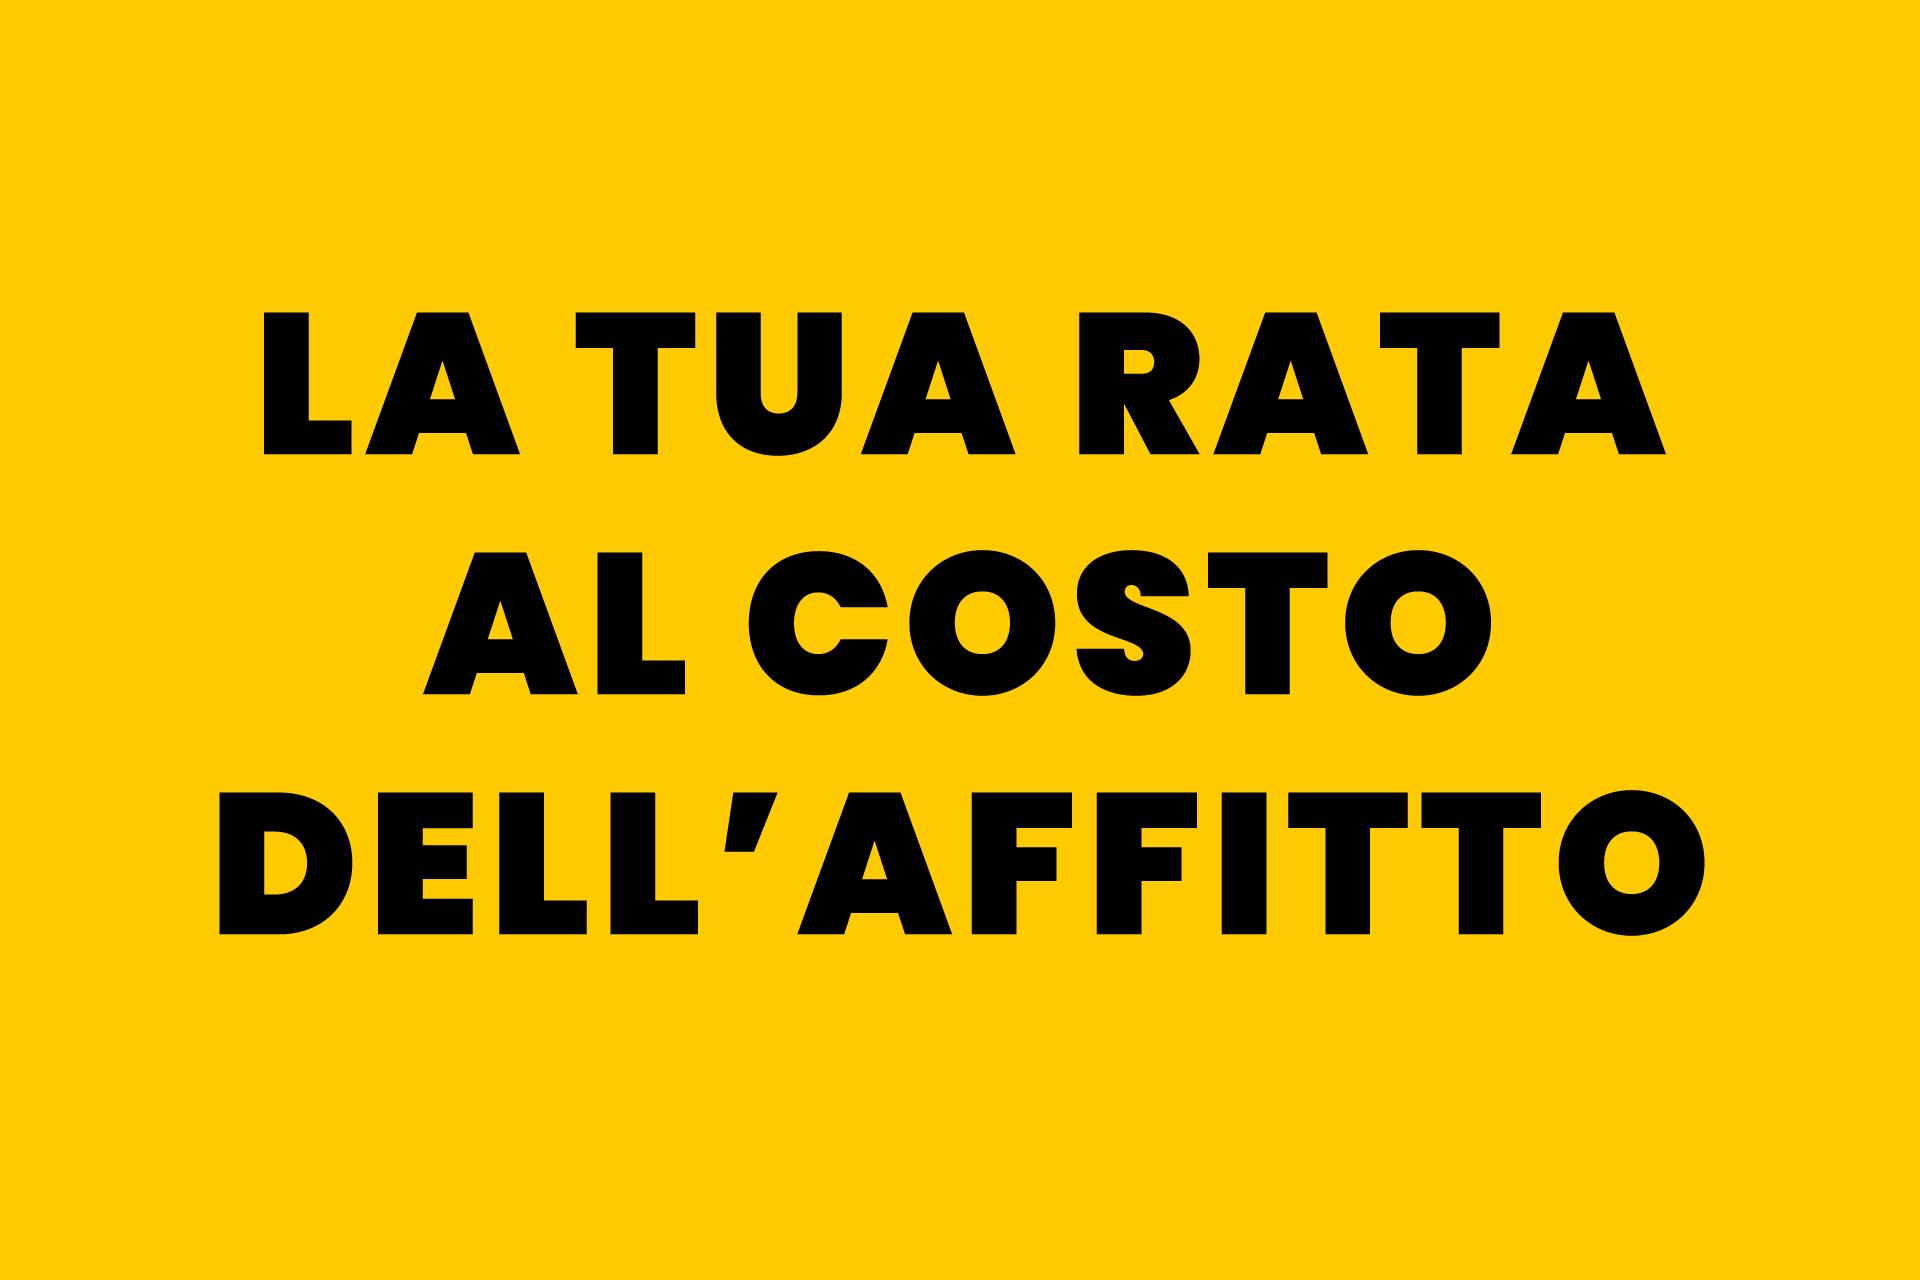 financial-mutui-varese-credito-immobiliare-carousel-4-design-©-2021-diego-cinquegrana-aimaproject-sa